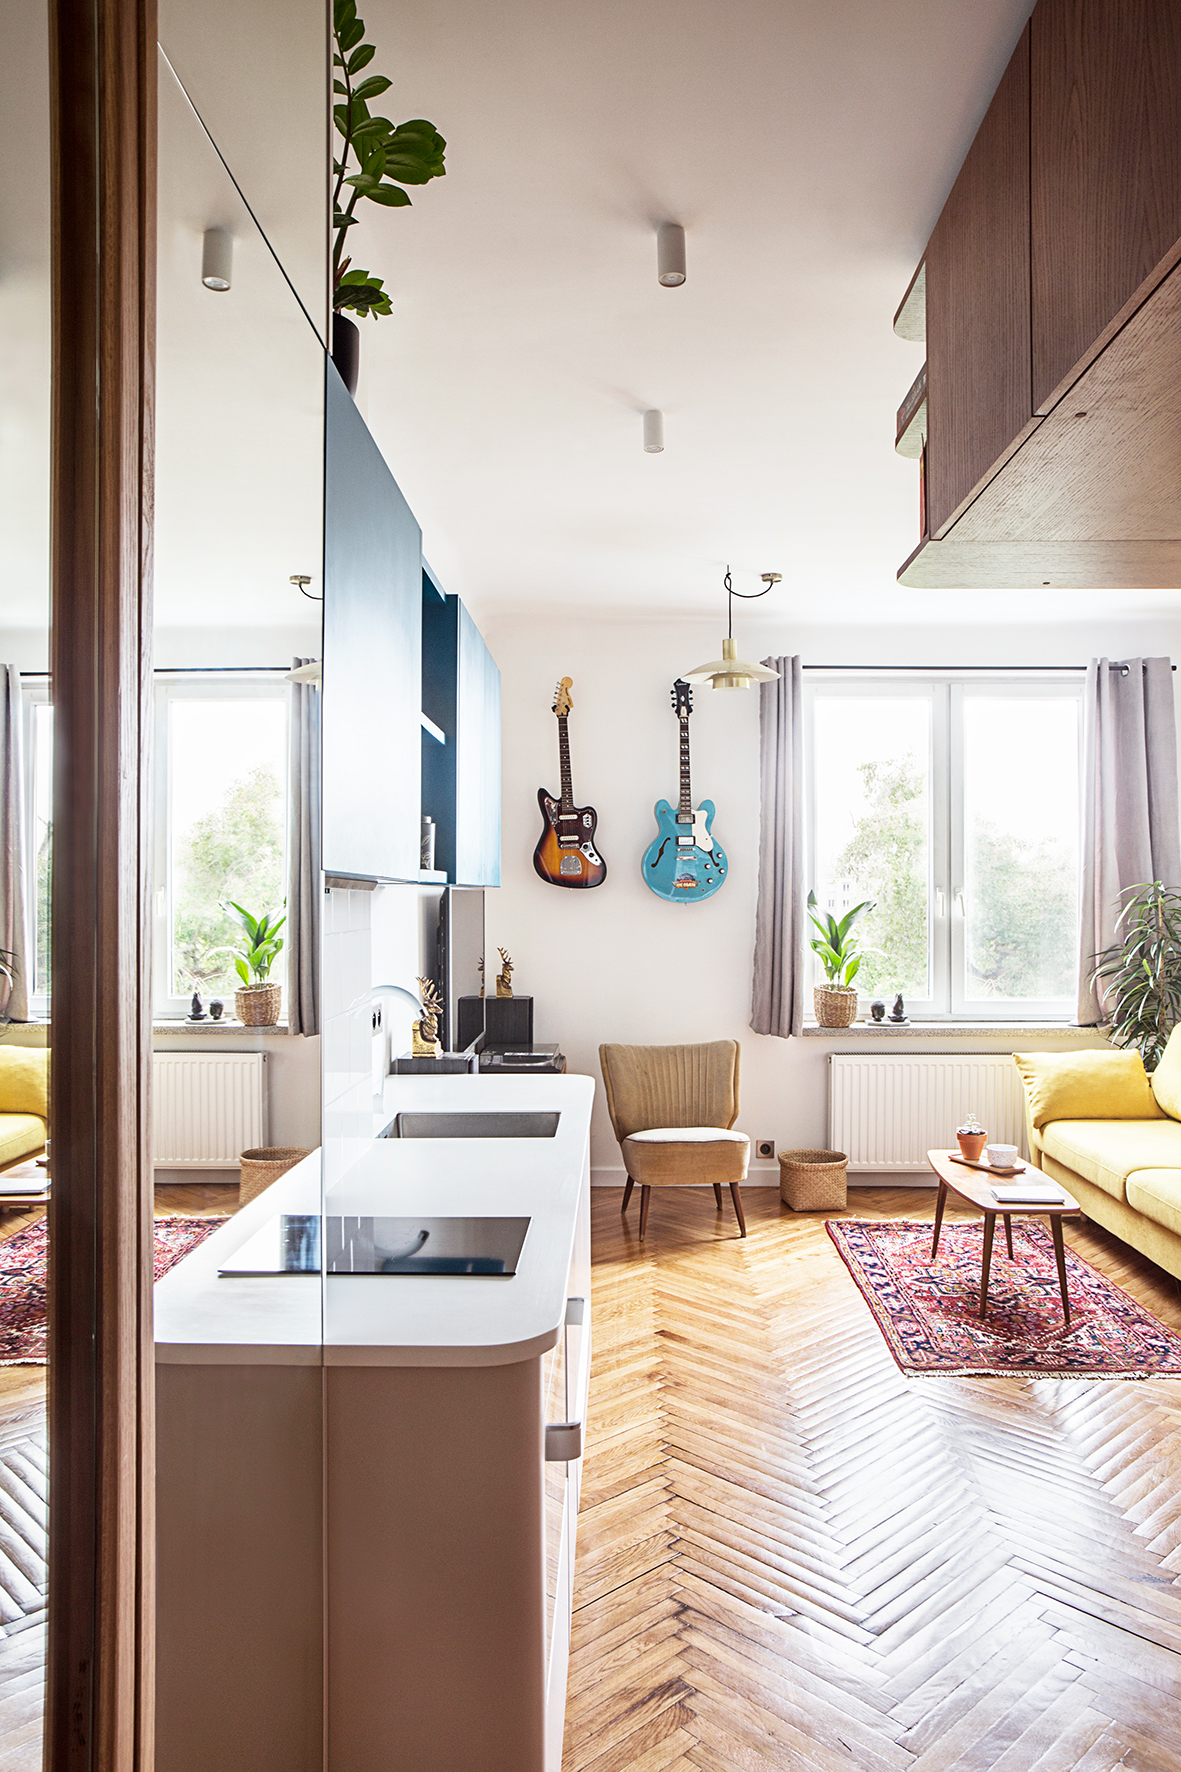 Małe przestrzenie: mieszkanie o powierzchni 18 m² zaprojektowane dla młodego muzyka